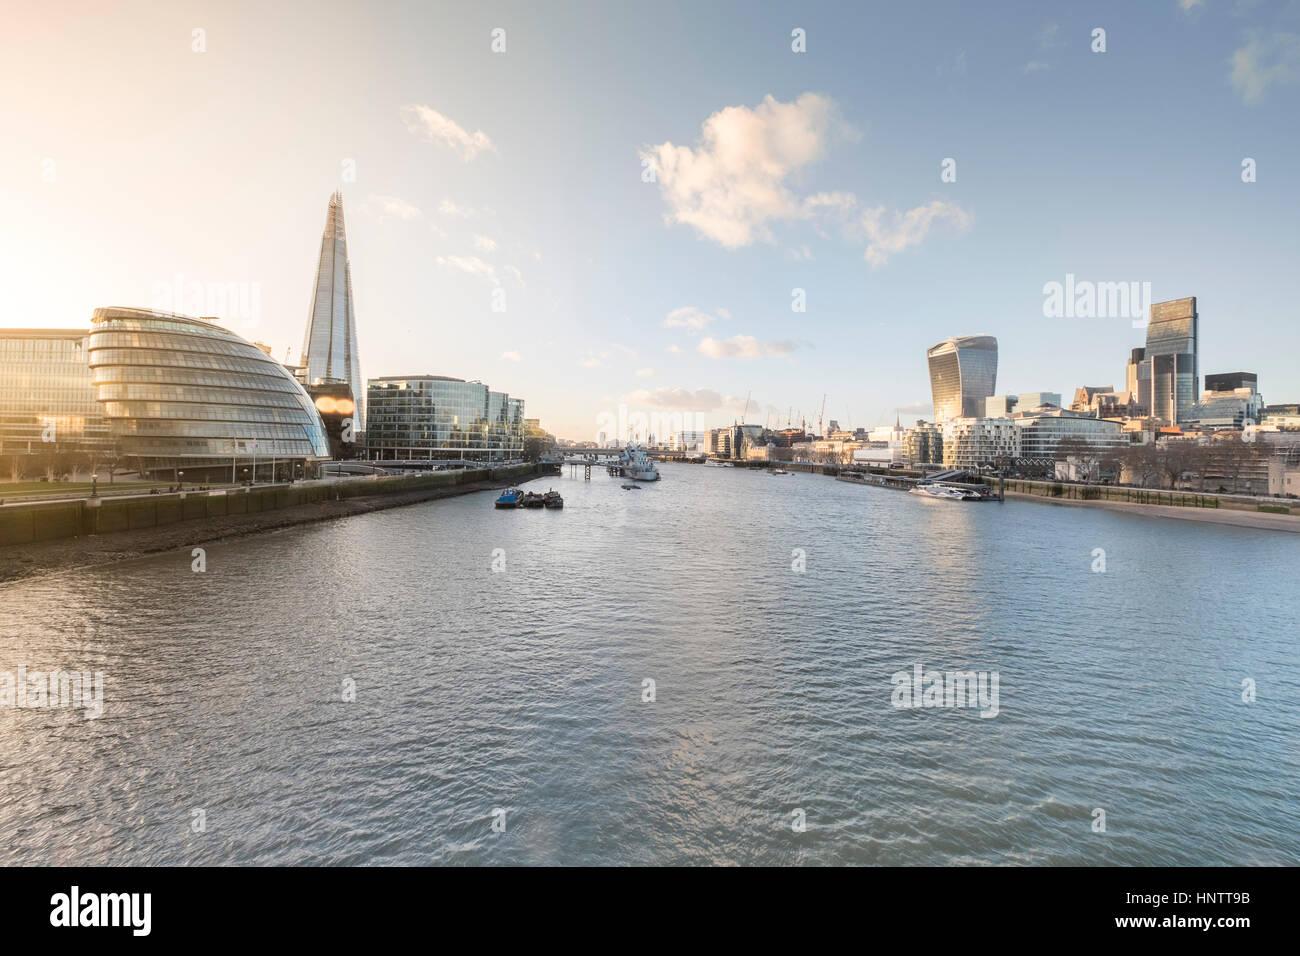 Ein Stadtbild von London, England, einschließlich der Entwicklung mehr London. Stockbild